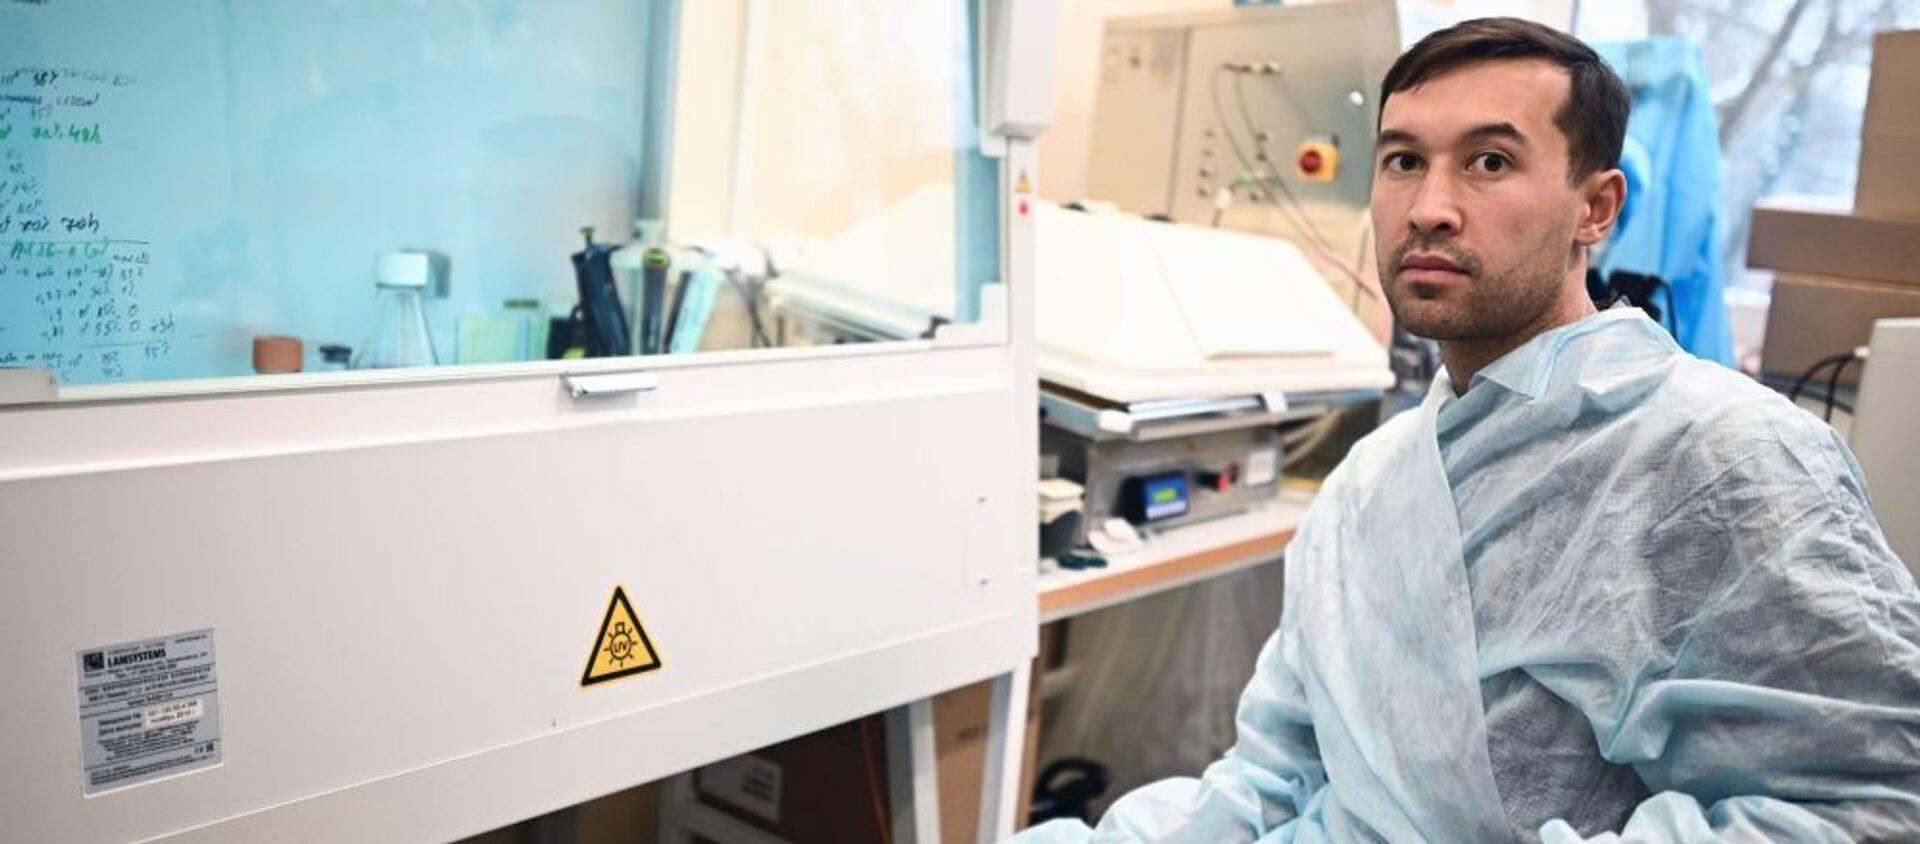 Один из создателей вакцины Спутник V кандидат биологических наук Ильяс Есмагамбетов - Sputnik Грузия, 1920, 16.02.2021